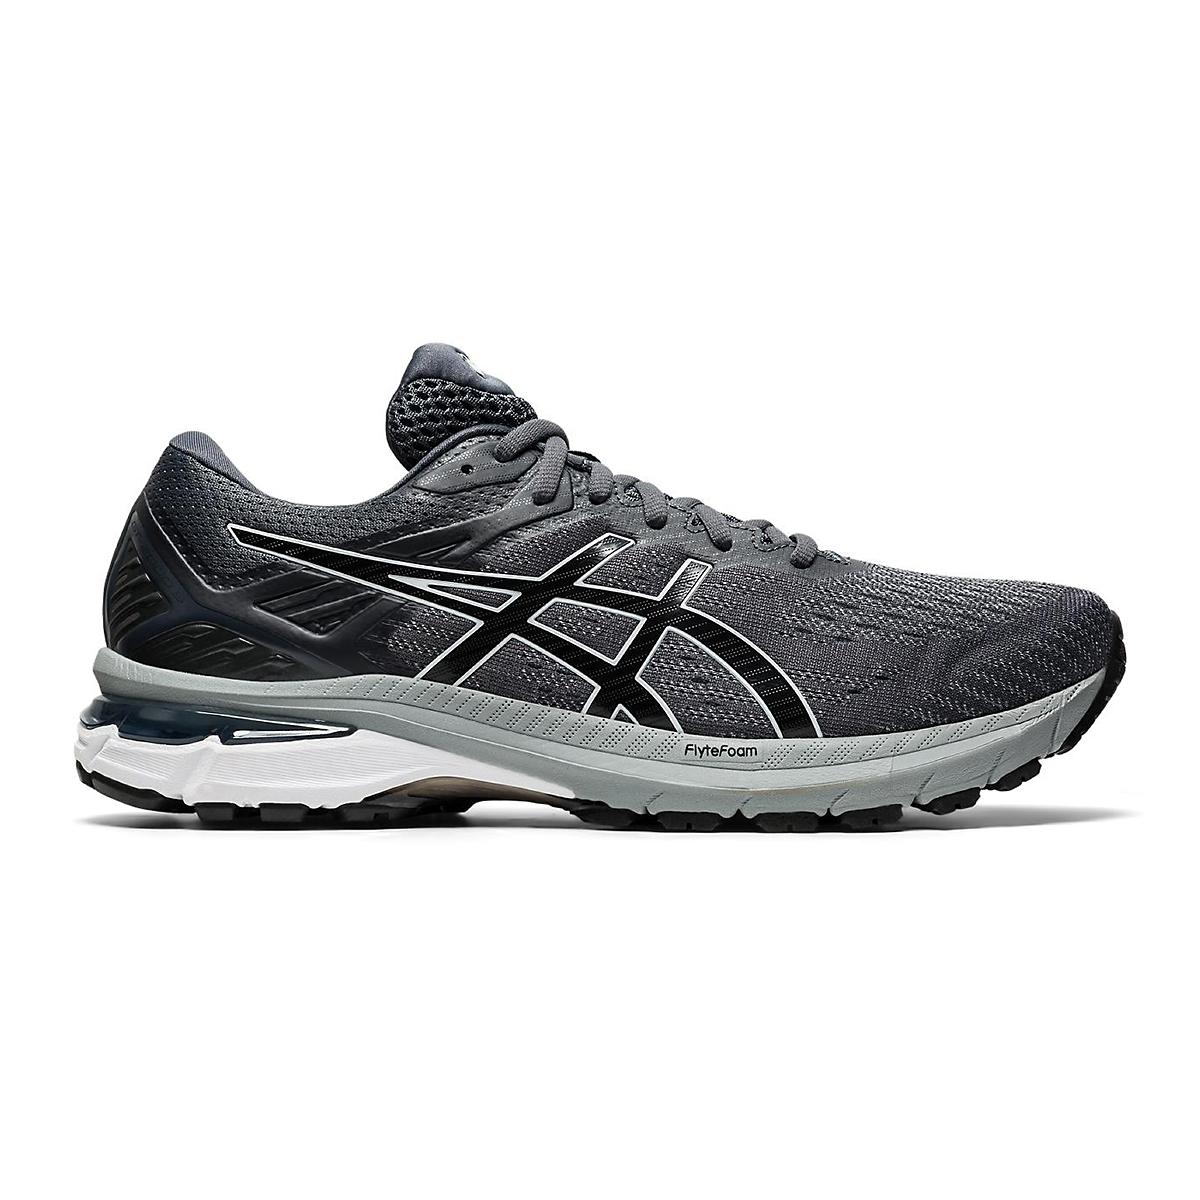 Men's Asics Gt-2000 9 Running Shoe - Color: Carrier Grey/Black - Size: 11 - Width: Regular, Carrier Grey/Black, large, image 1